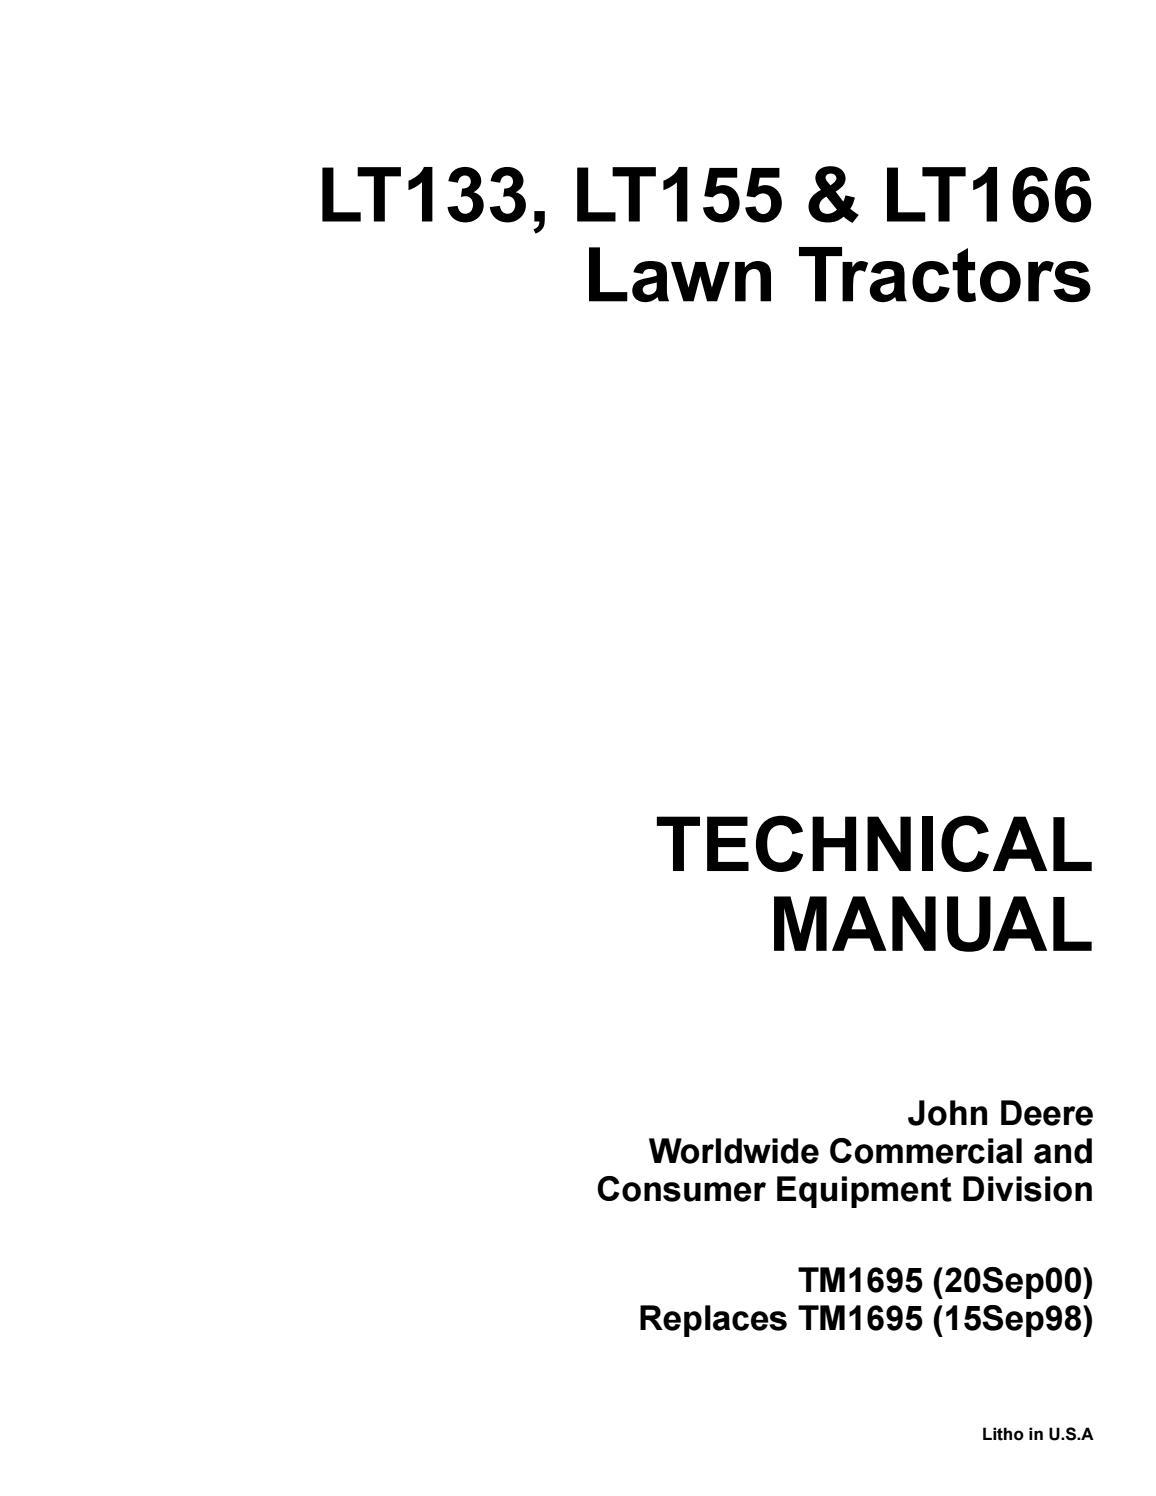 John Deere Lt 133 Wiring Diagram : deere, wiring, diagram, DEERE, LT133, GARDEN, TRACTOR, Service, Repair, Manual, 163114103, Issuu